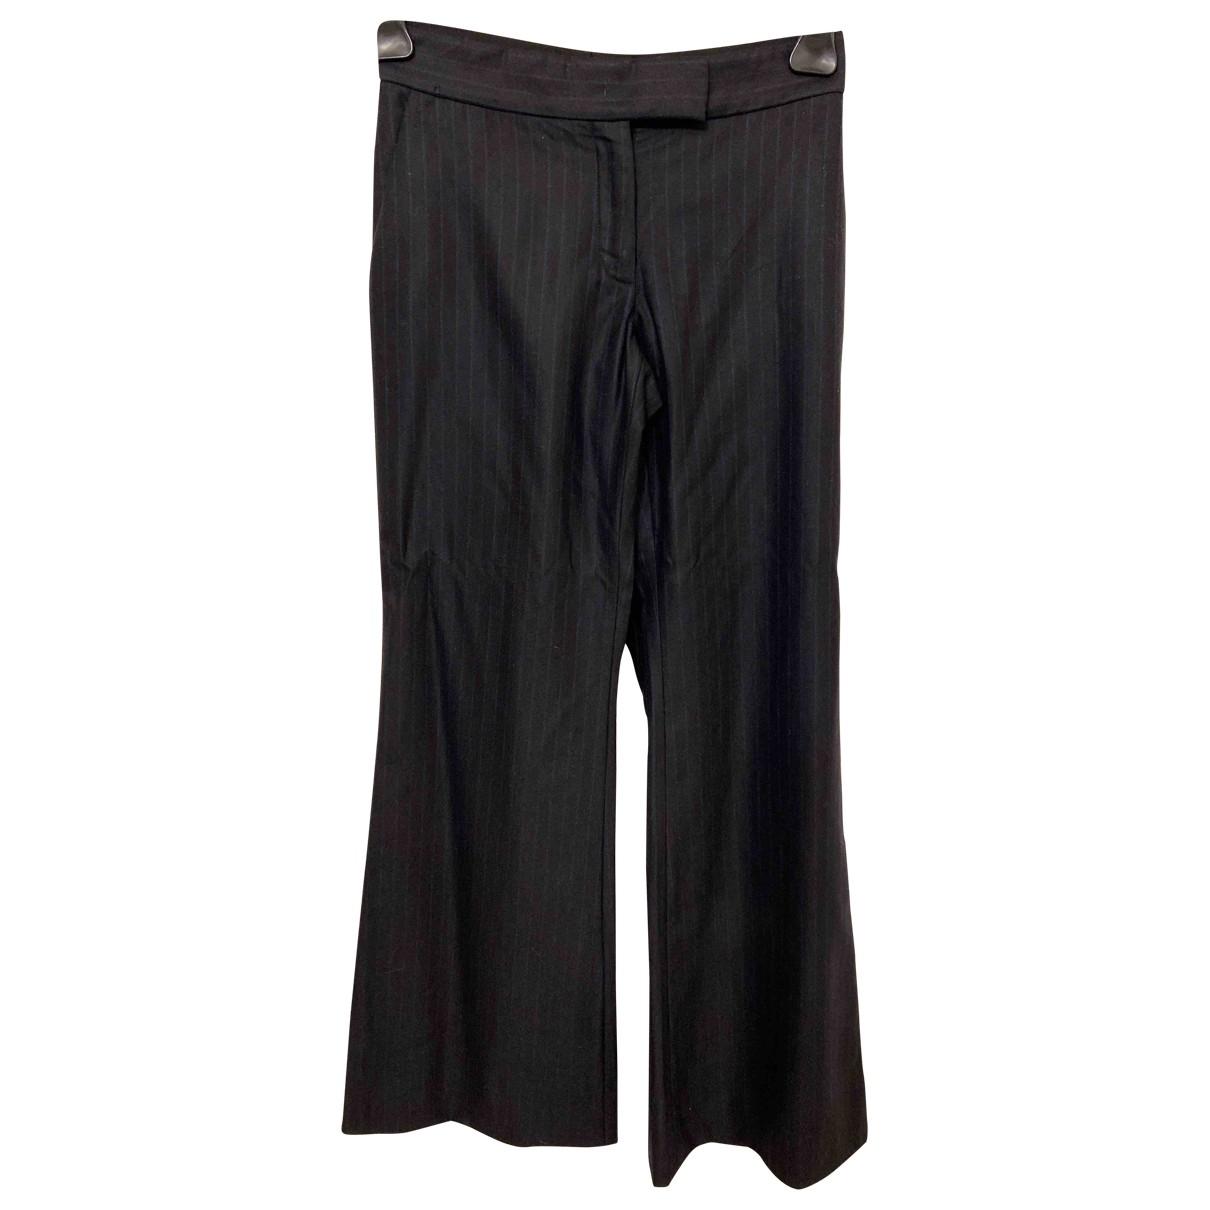 Stella Mccartney \N Black Wool Trousers for Women S International